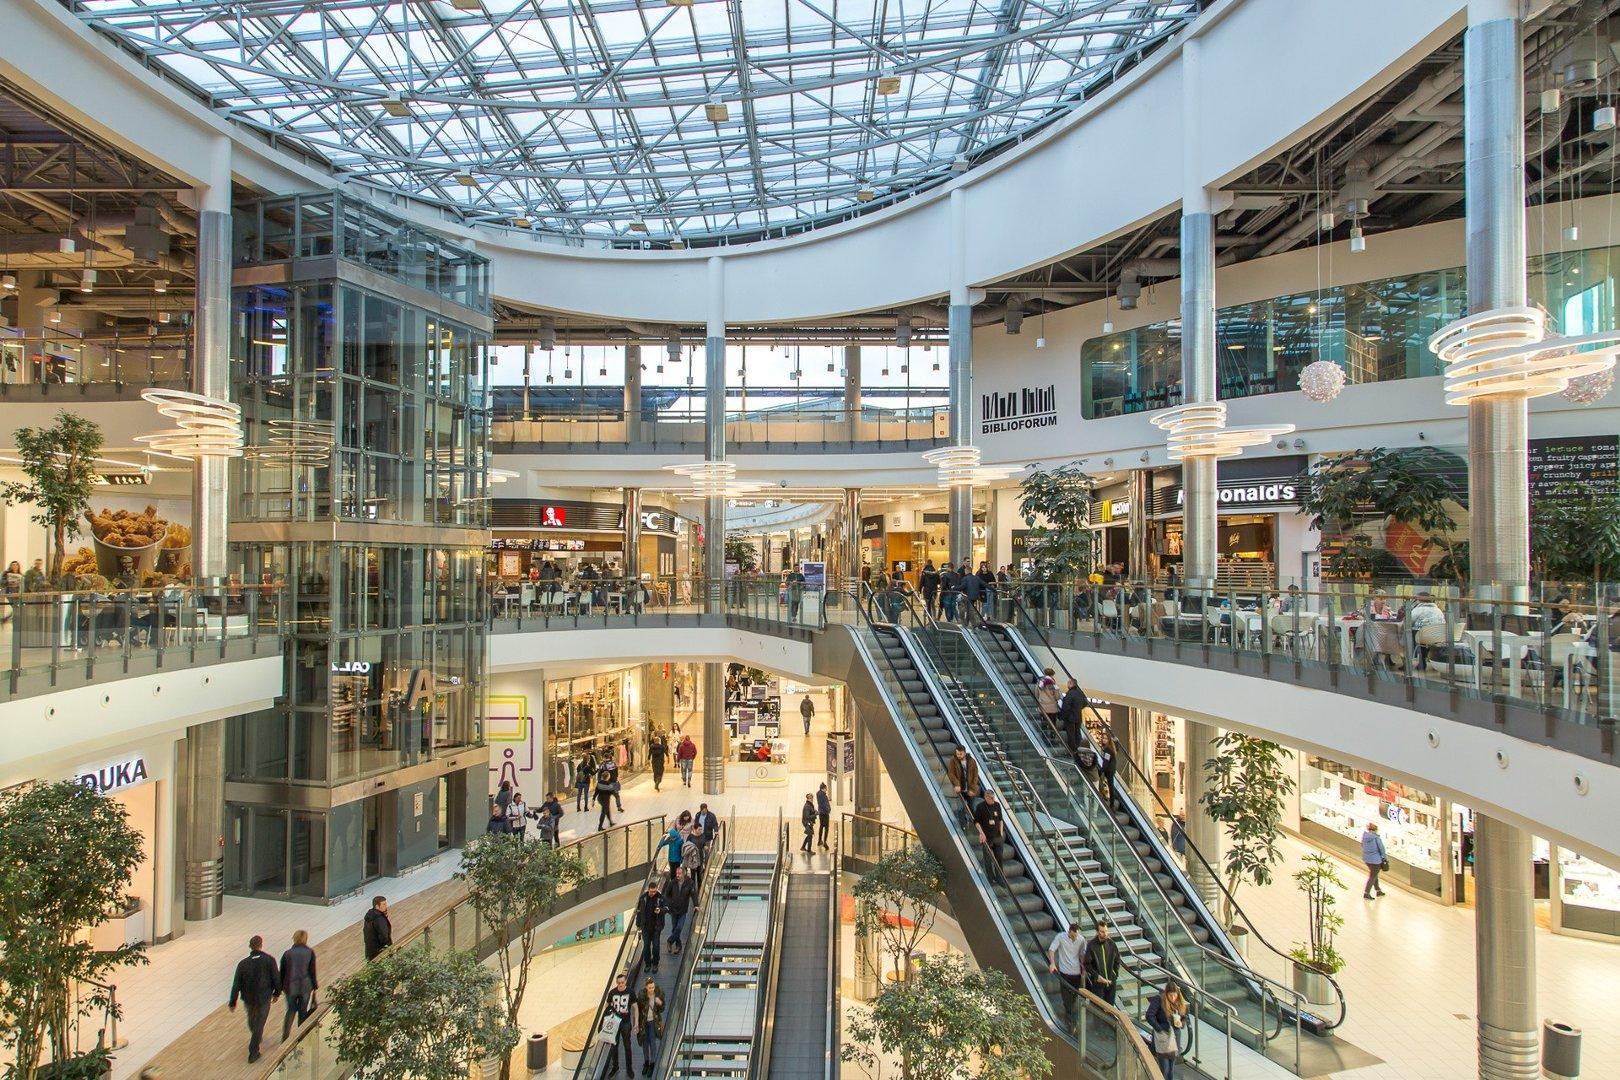 Gliwice Centrum Handlowe Forum Otwarte W Niedziele Z Zakazem Handlu